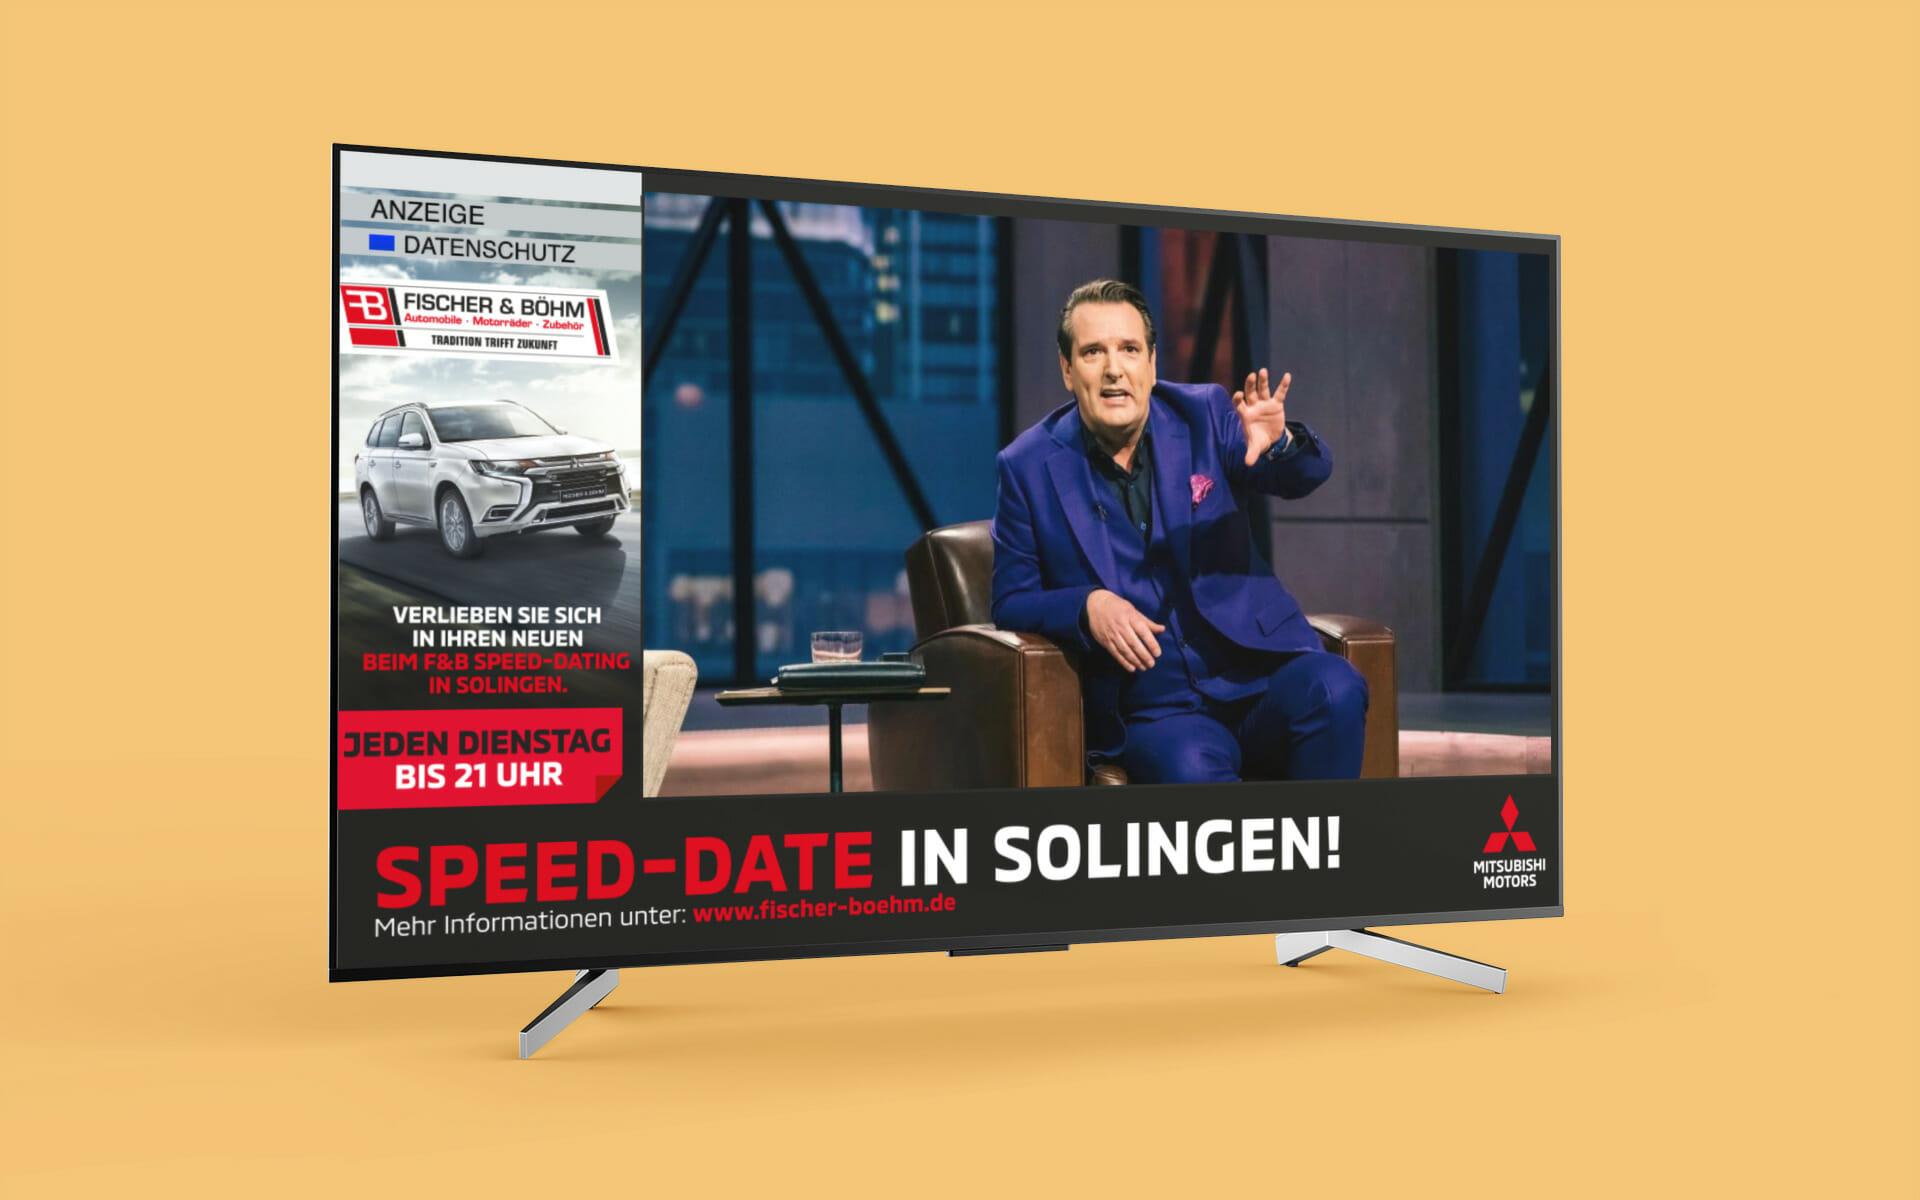 Beispiel digitale TV-Werbung